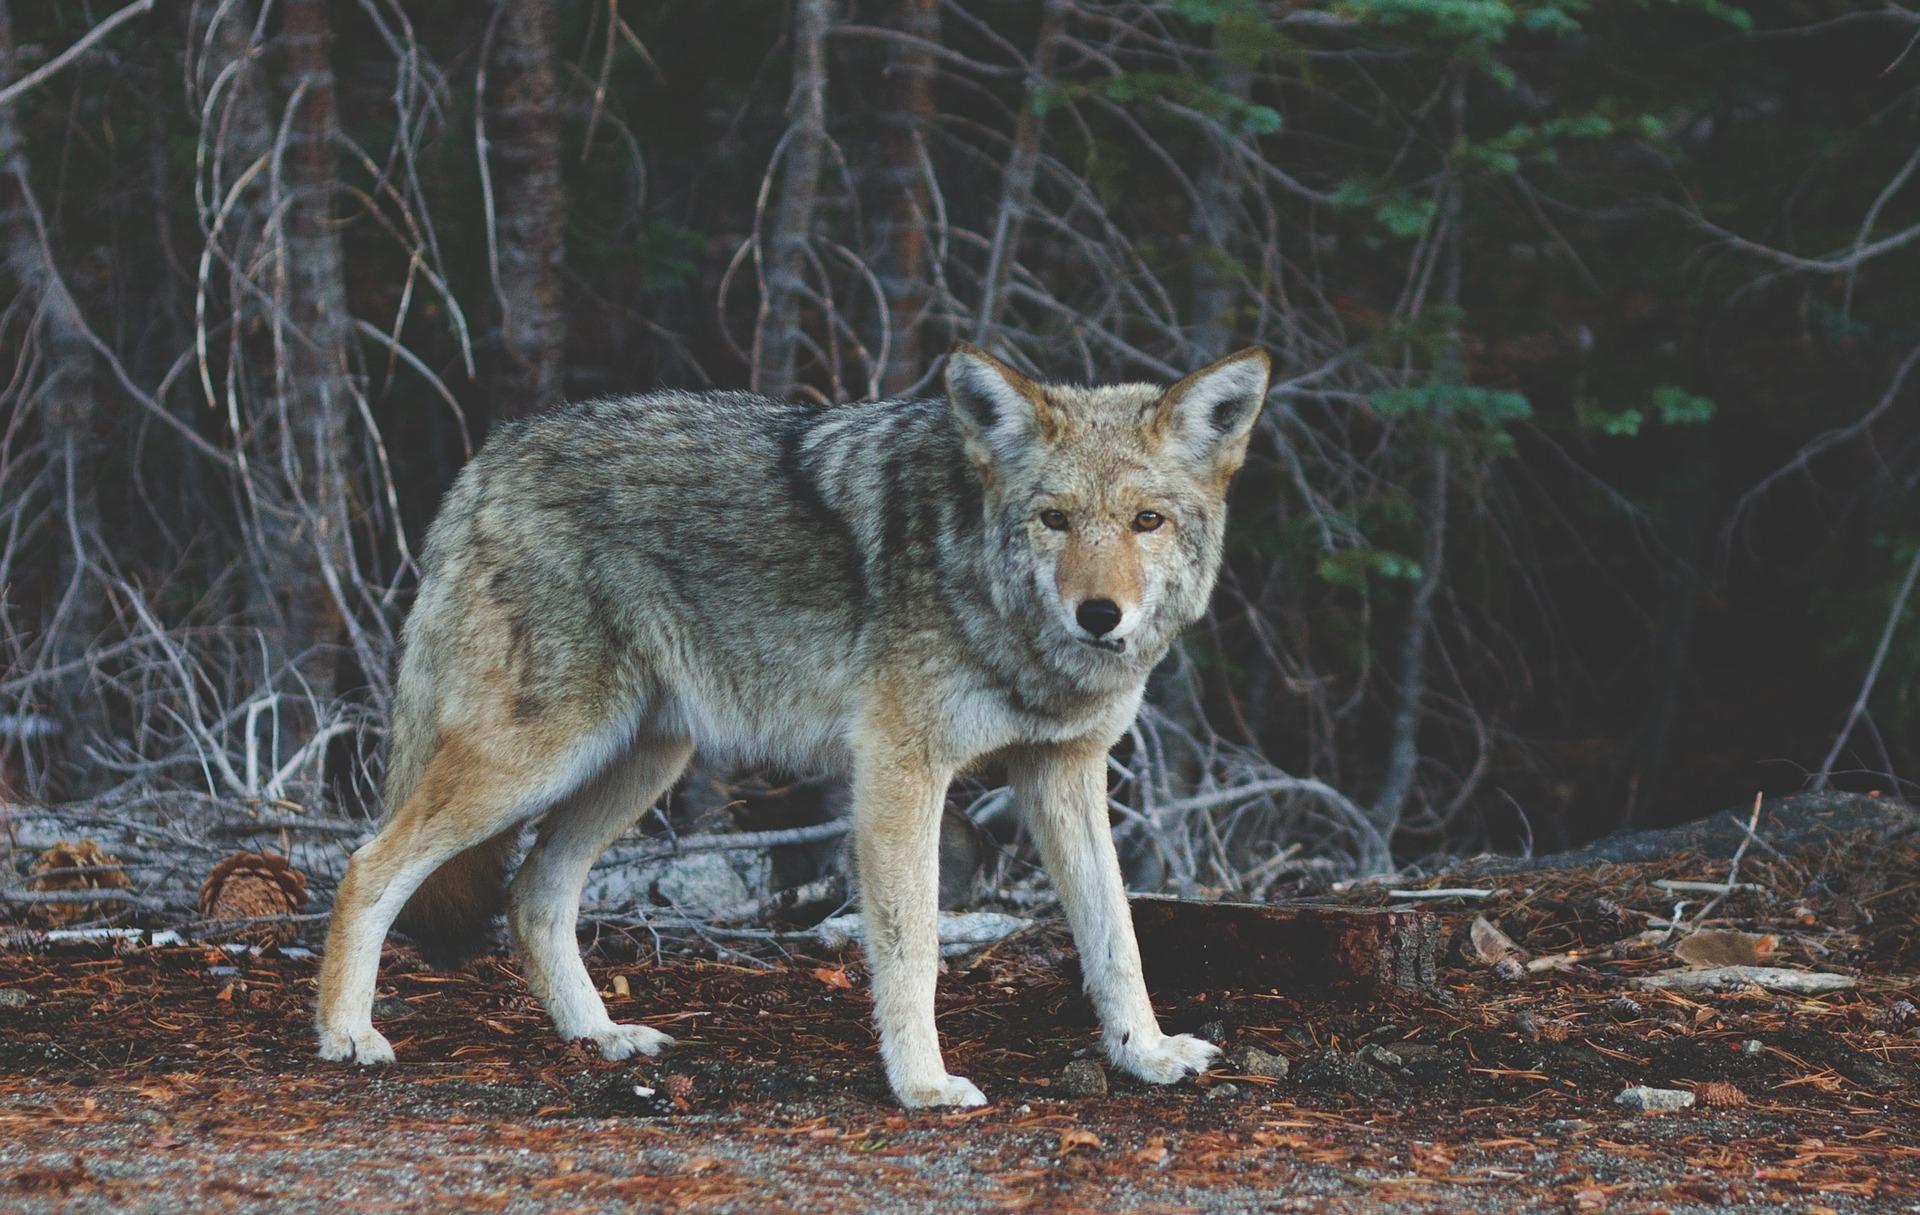 na fotografii znajduje się wilk